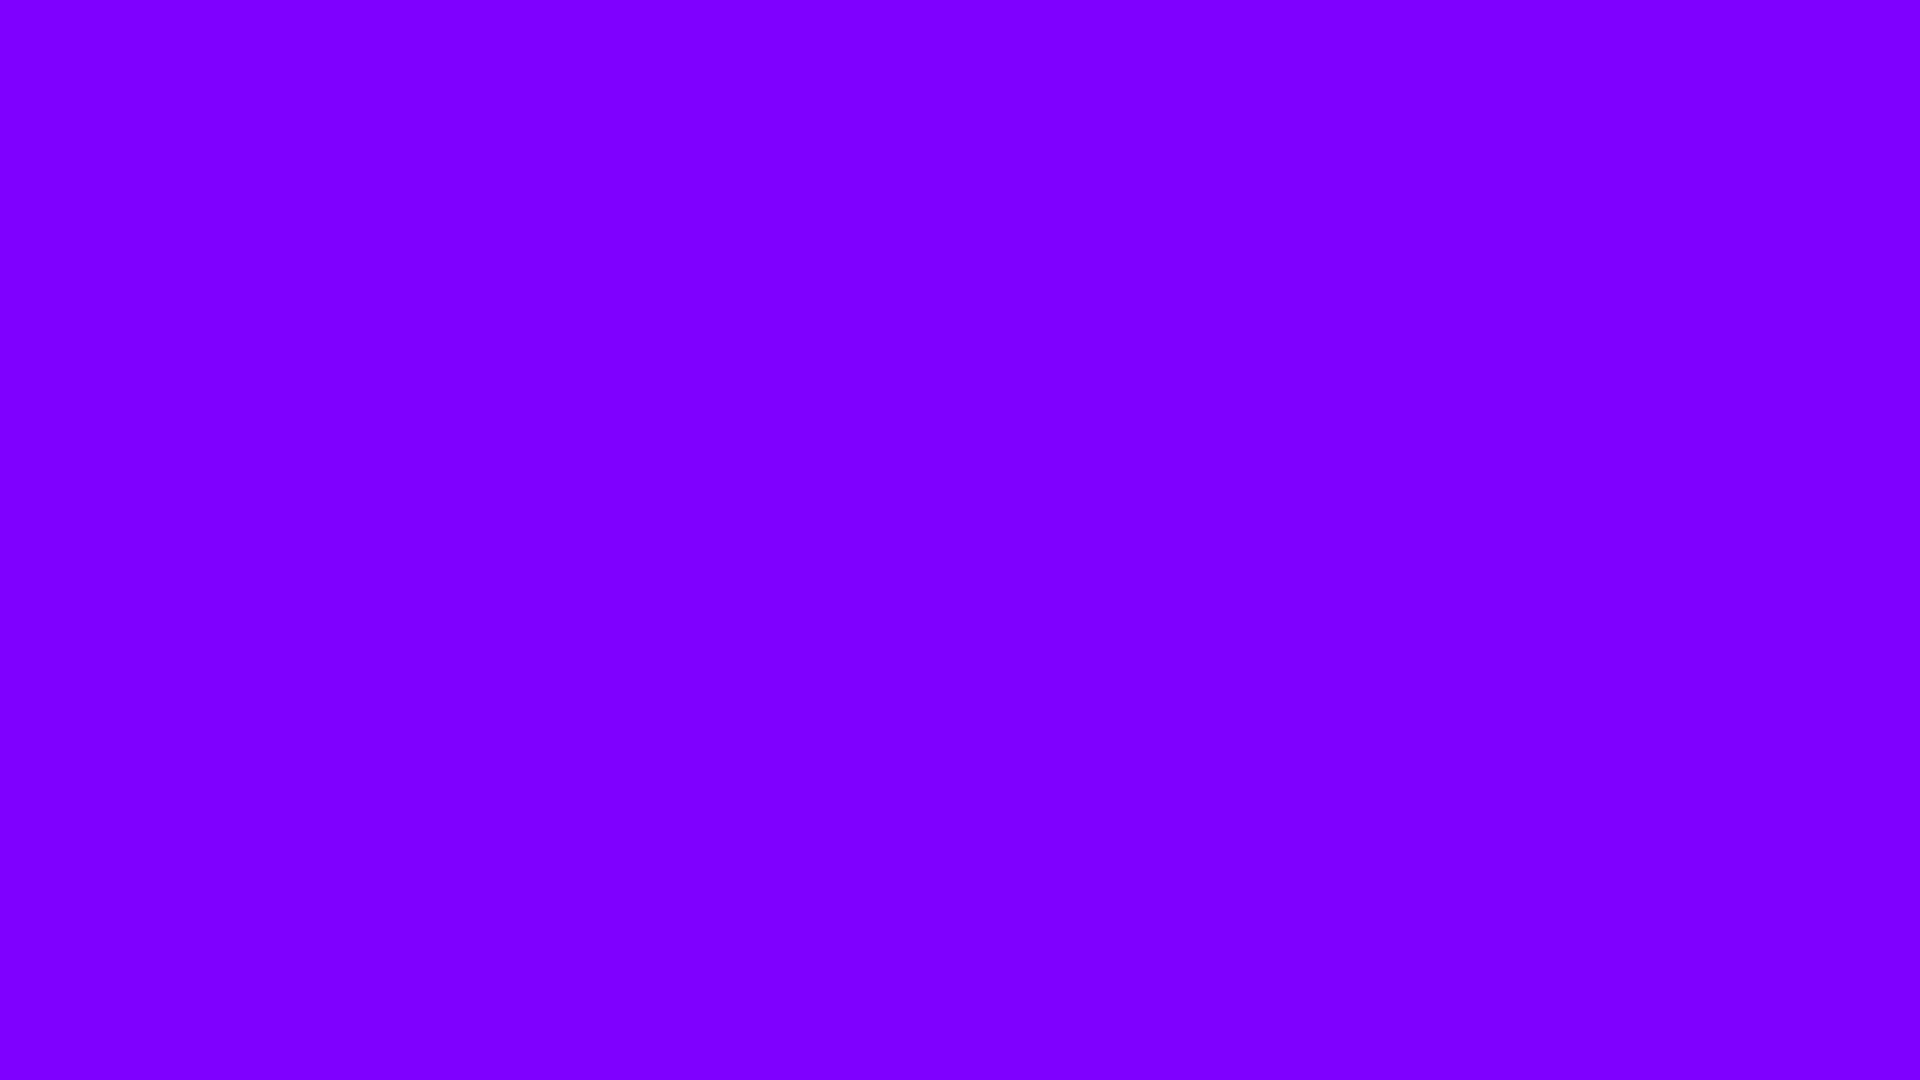 1920x1080 Violet Color Wheel Solid Color Background